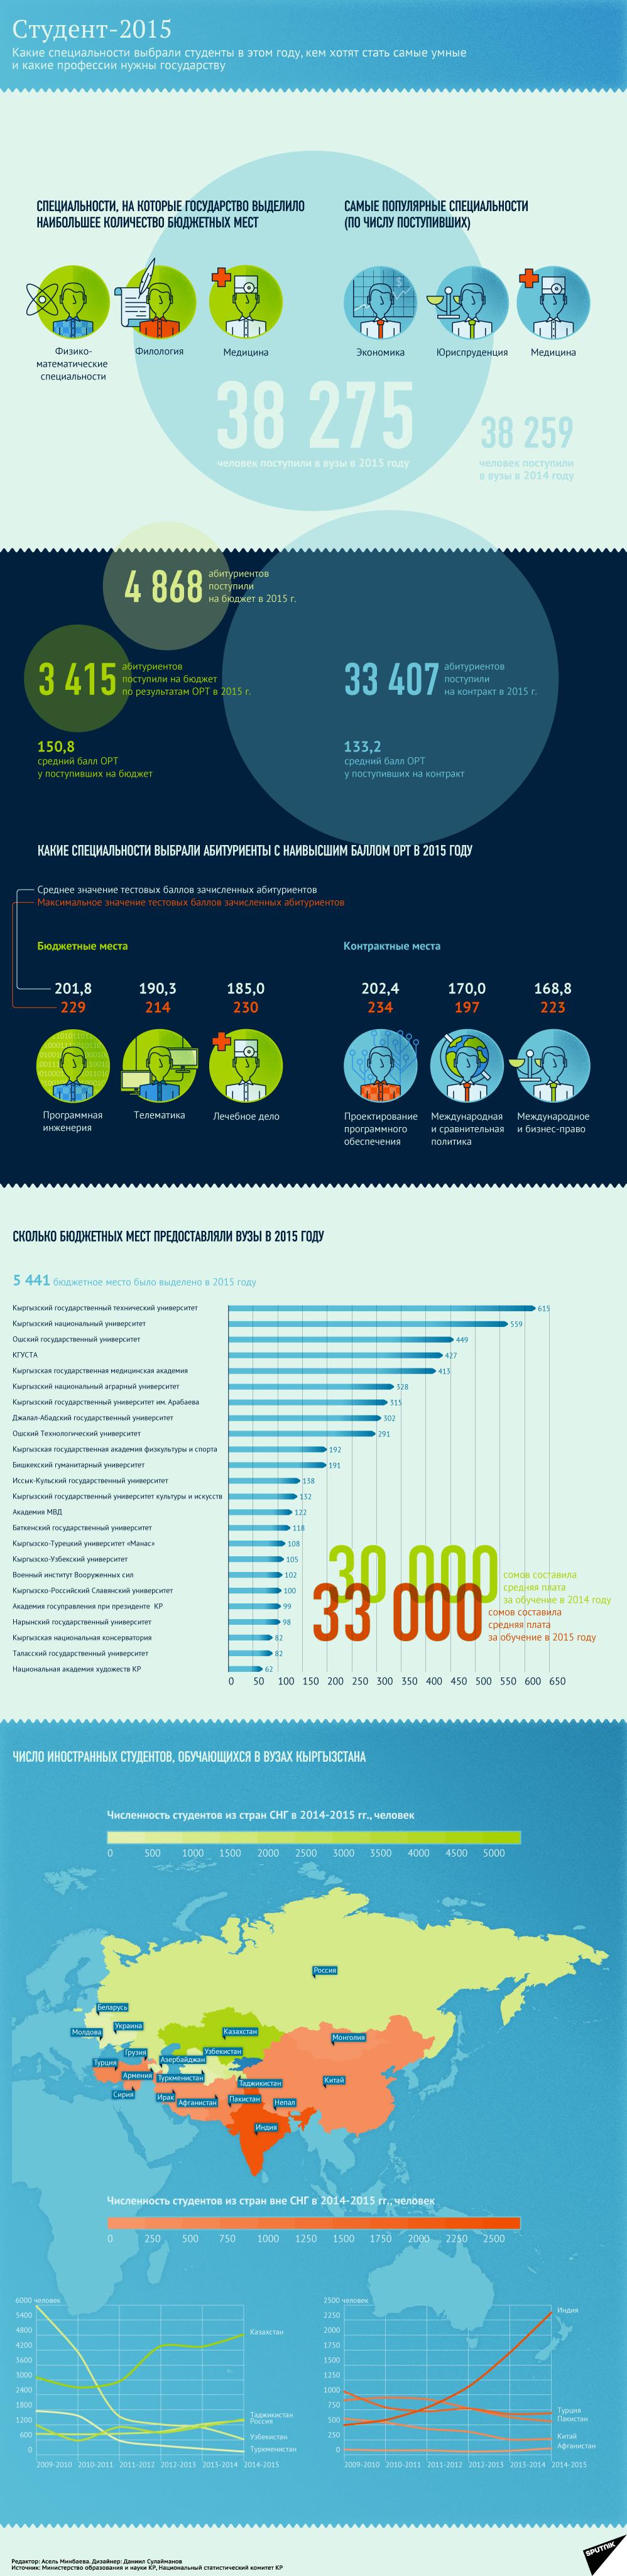 Kyrgyz student infographic 2015 sputnik.kg.png